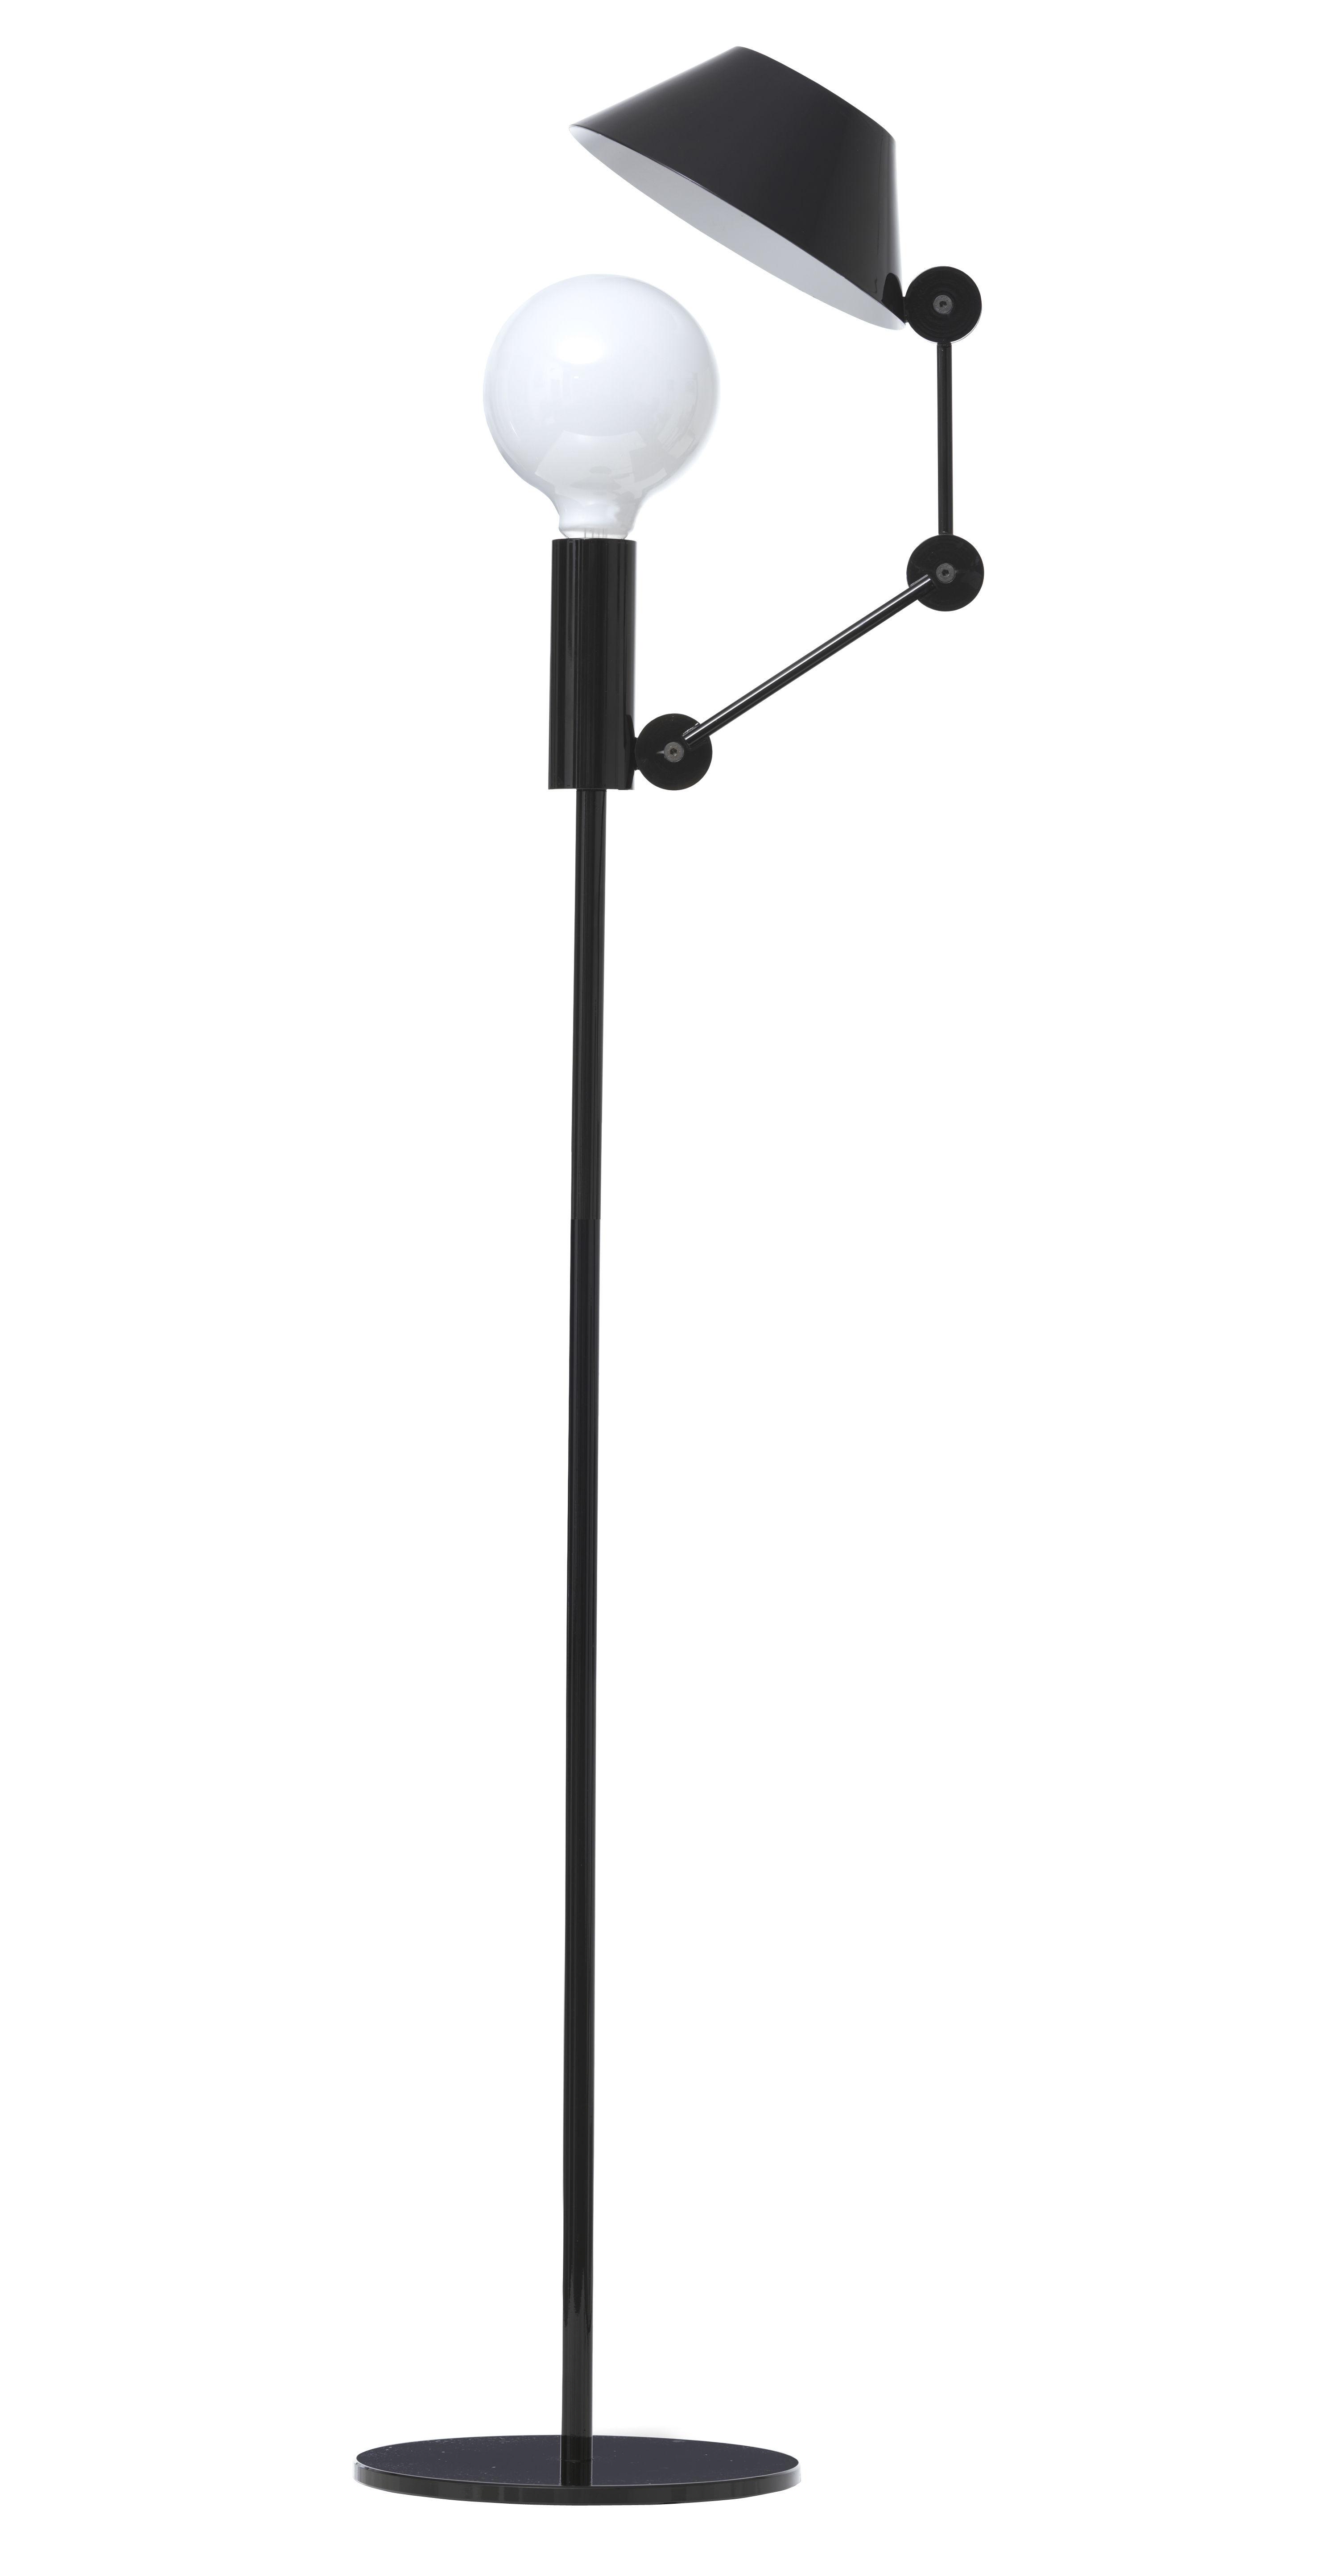 Leuchten - Stehleuchten - Mr. Light tall Stehleuchte - Nemo - H 135 cm - glänzend schwarz / Innenseite des Lampenschirms glänzend weiß - Metall